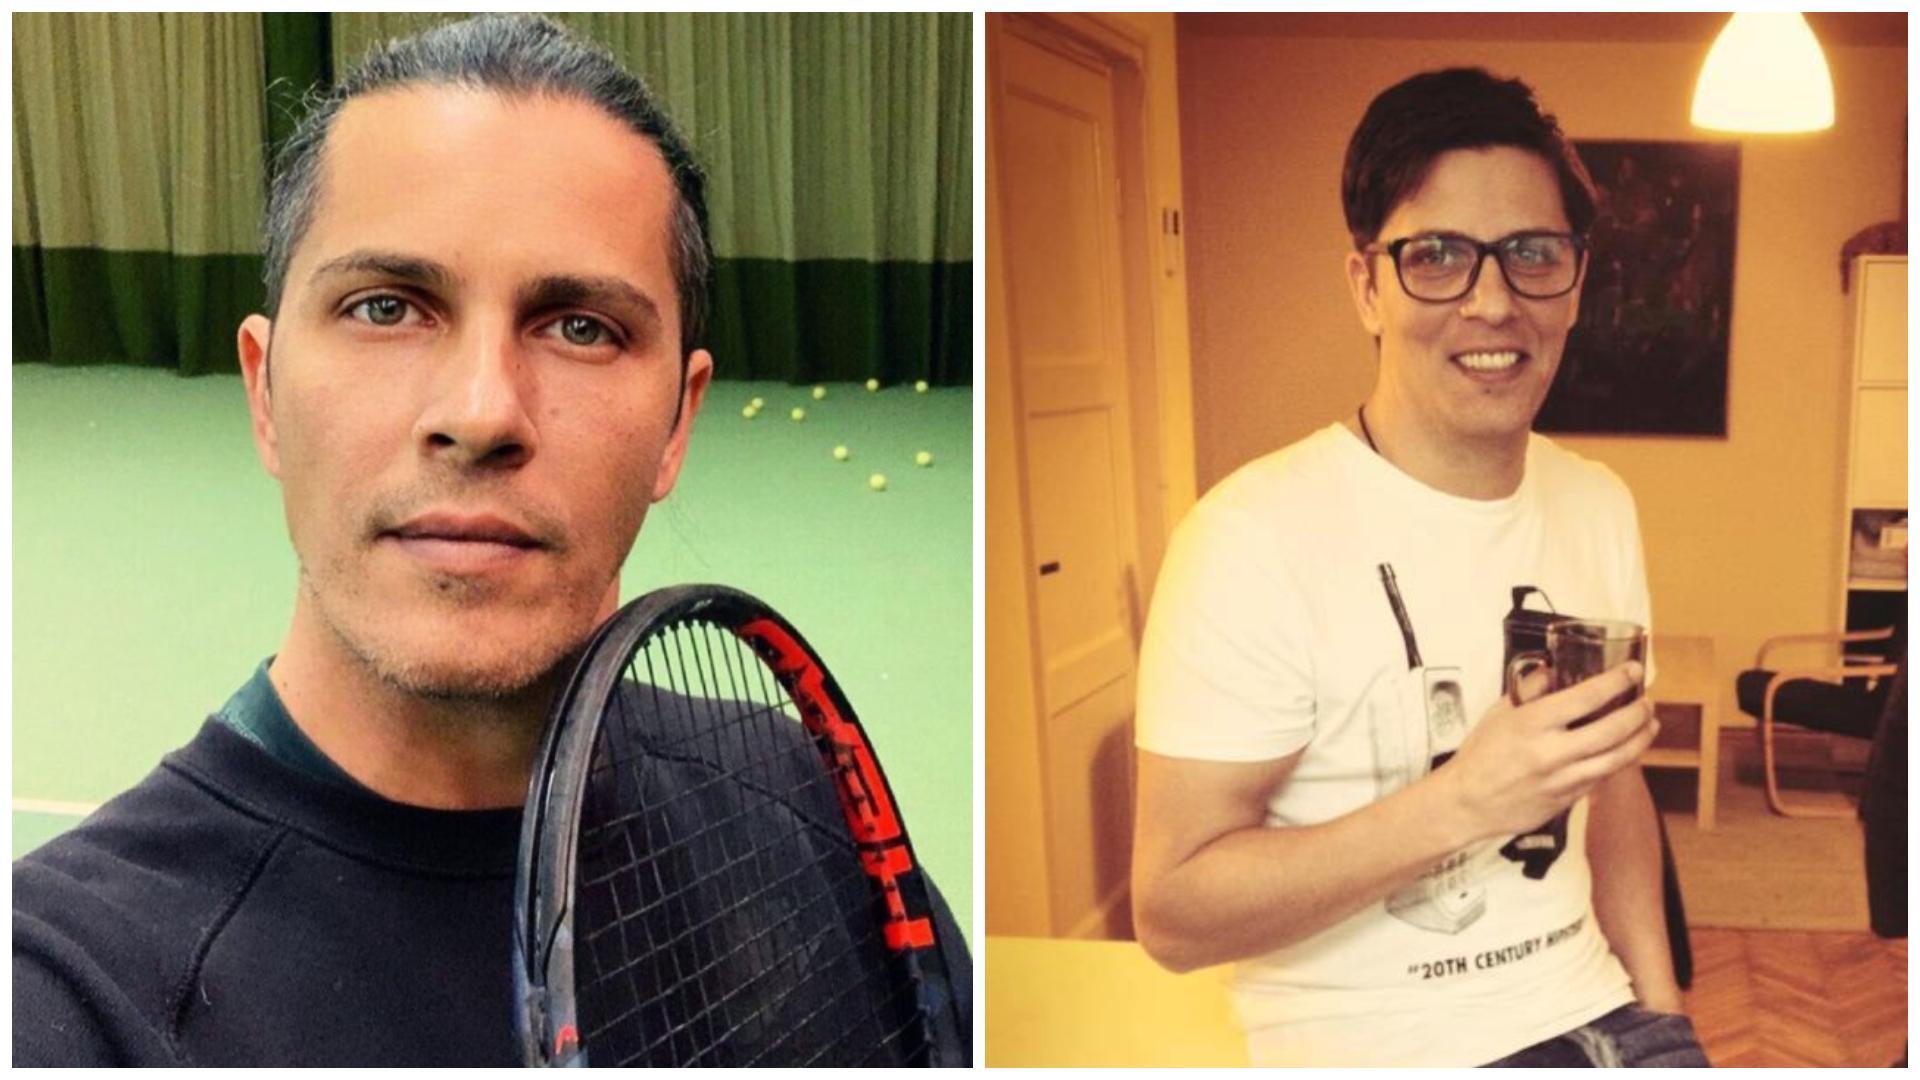 Colaj cu Lucian Viziru în 2021, pe terenul de tenis și în 2013, în bucătărie